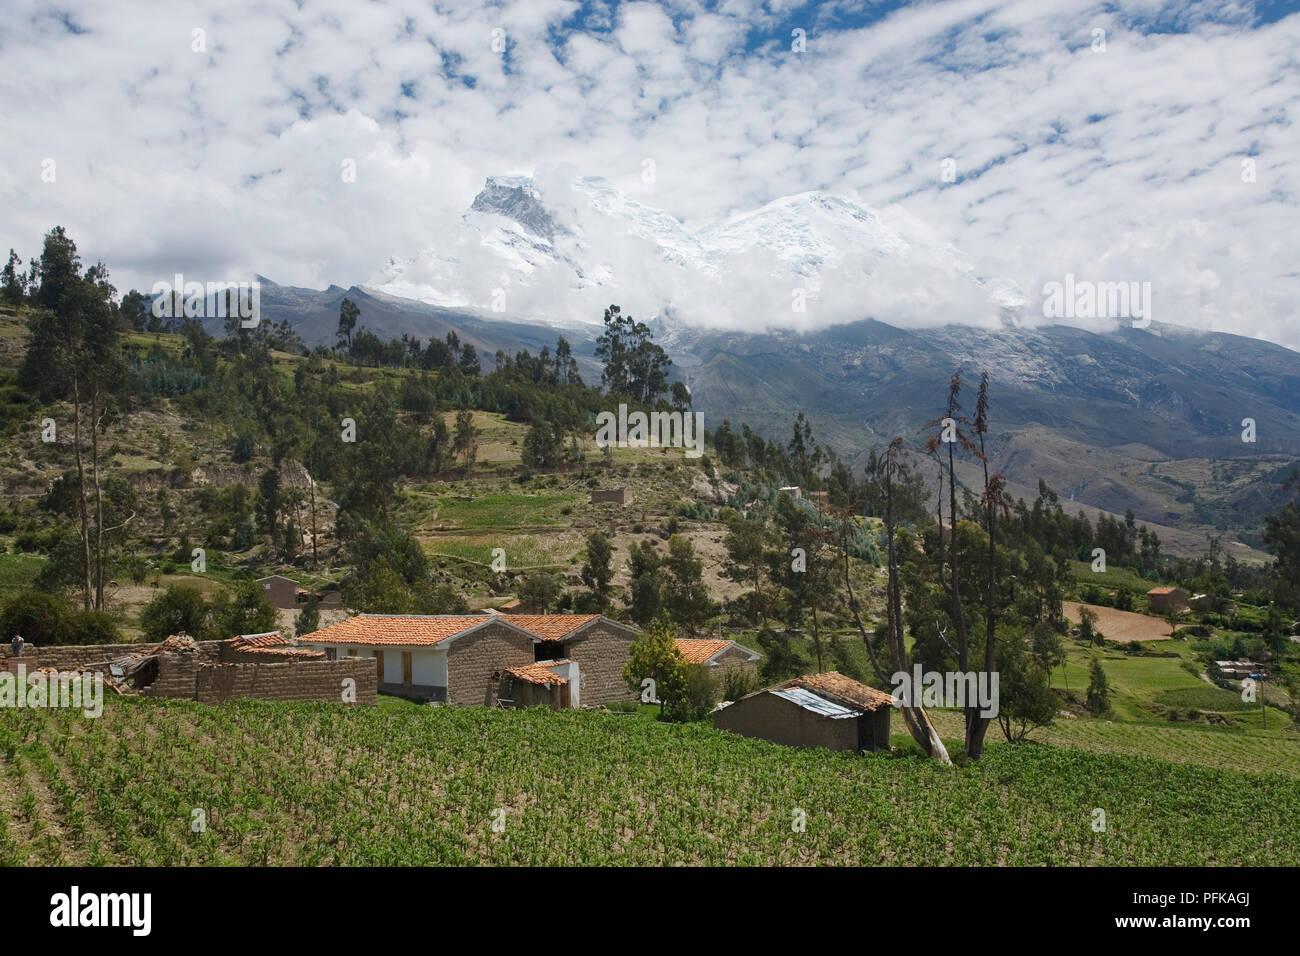 Le Pérou, Ancash, Cordillera Blanca, maisons de brique et de boue sur les champs, à flanc de montagnes couvertes de neige derrière les nuages Banque D'Images